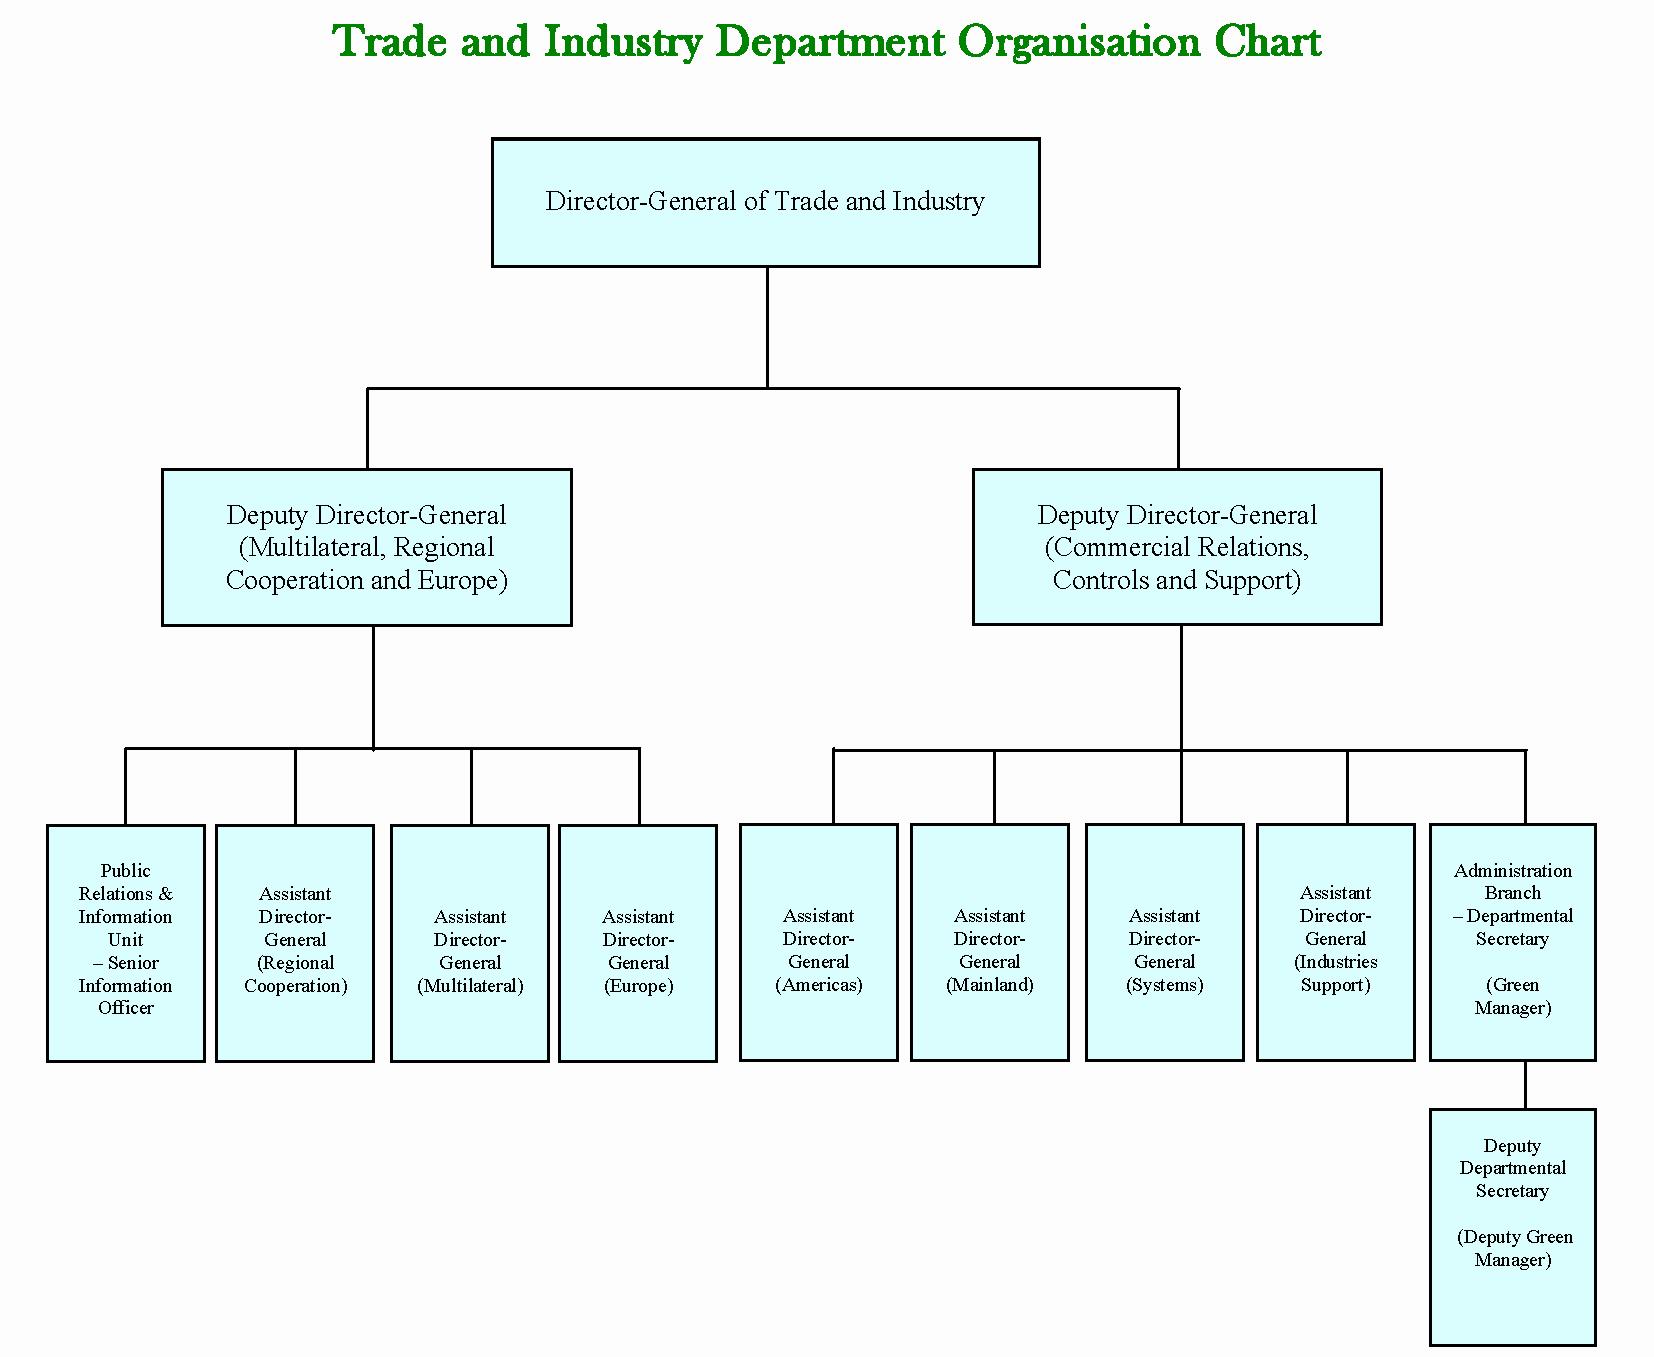 Organizational Chart Template Create organization Charts